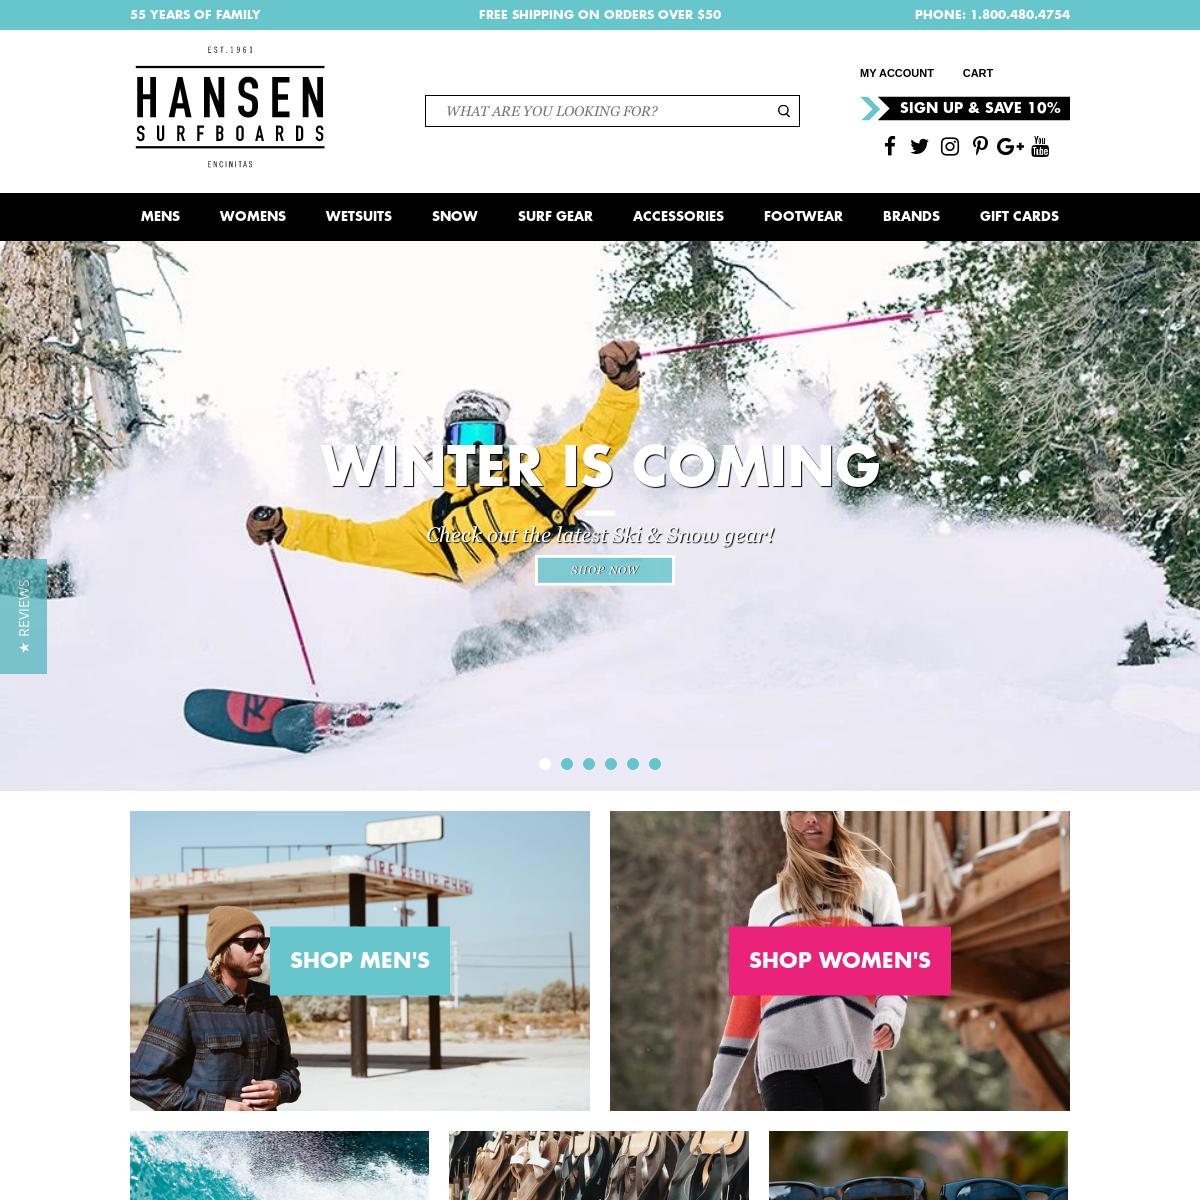 Hansen Surfboards - Online Surf Shop - San Diego Surf Cams